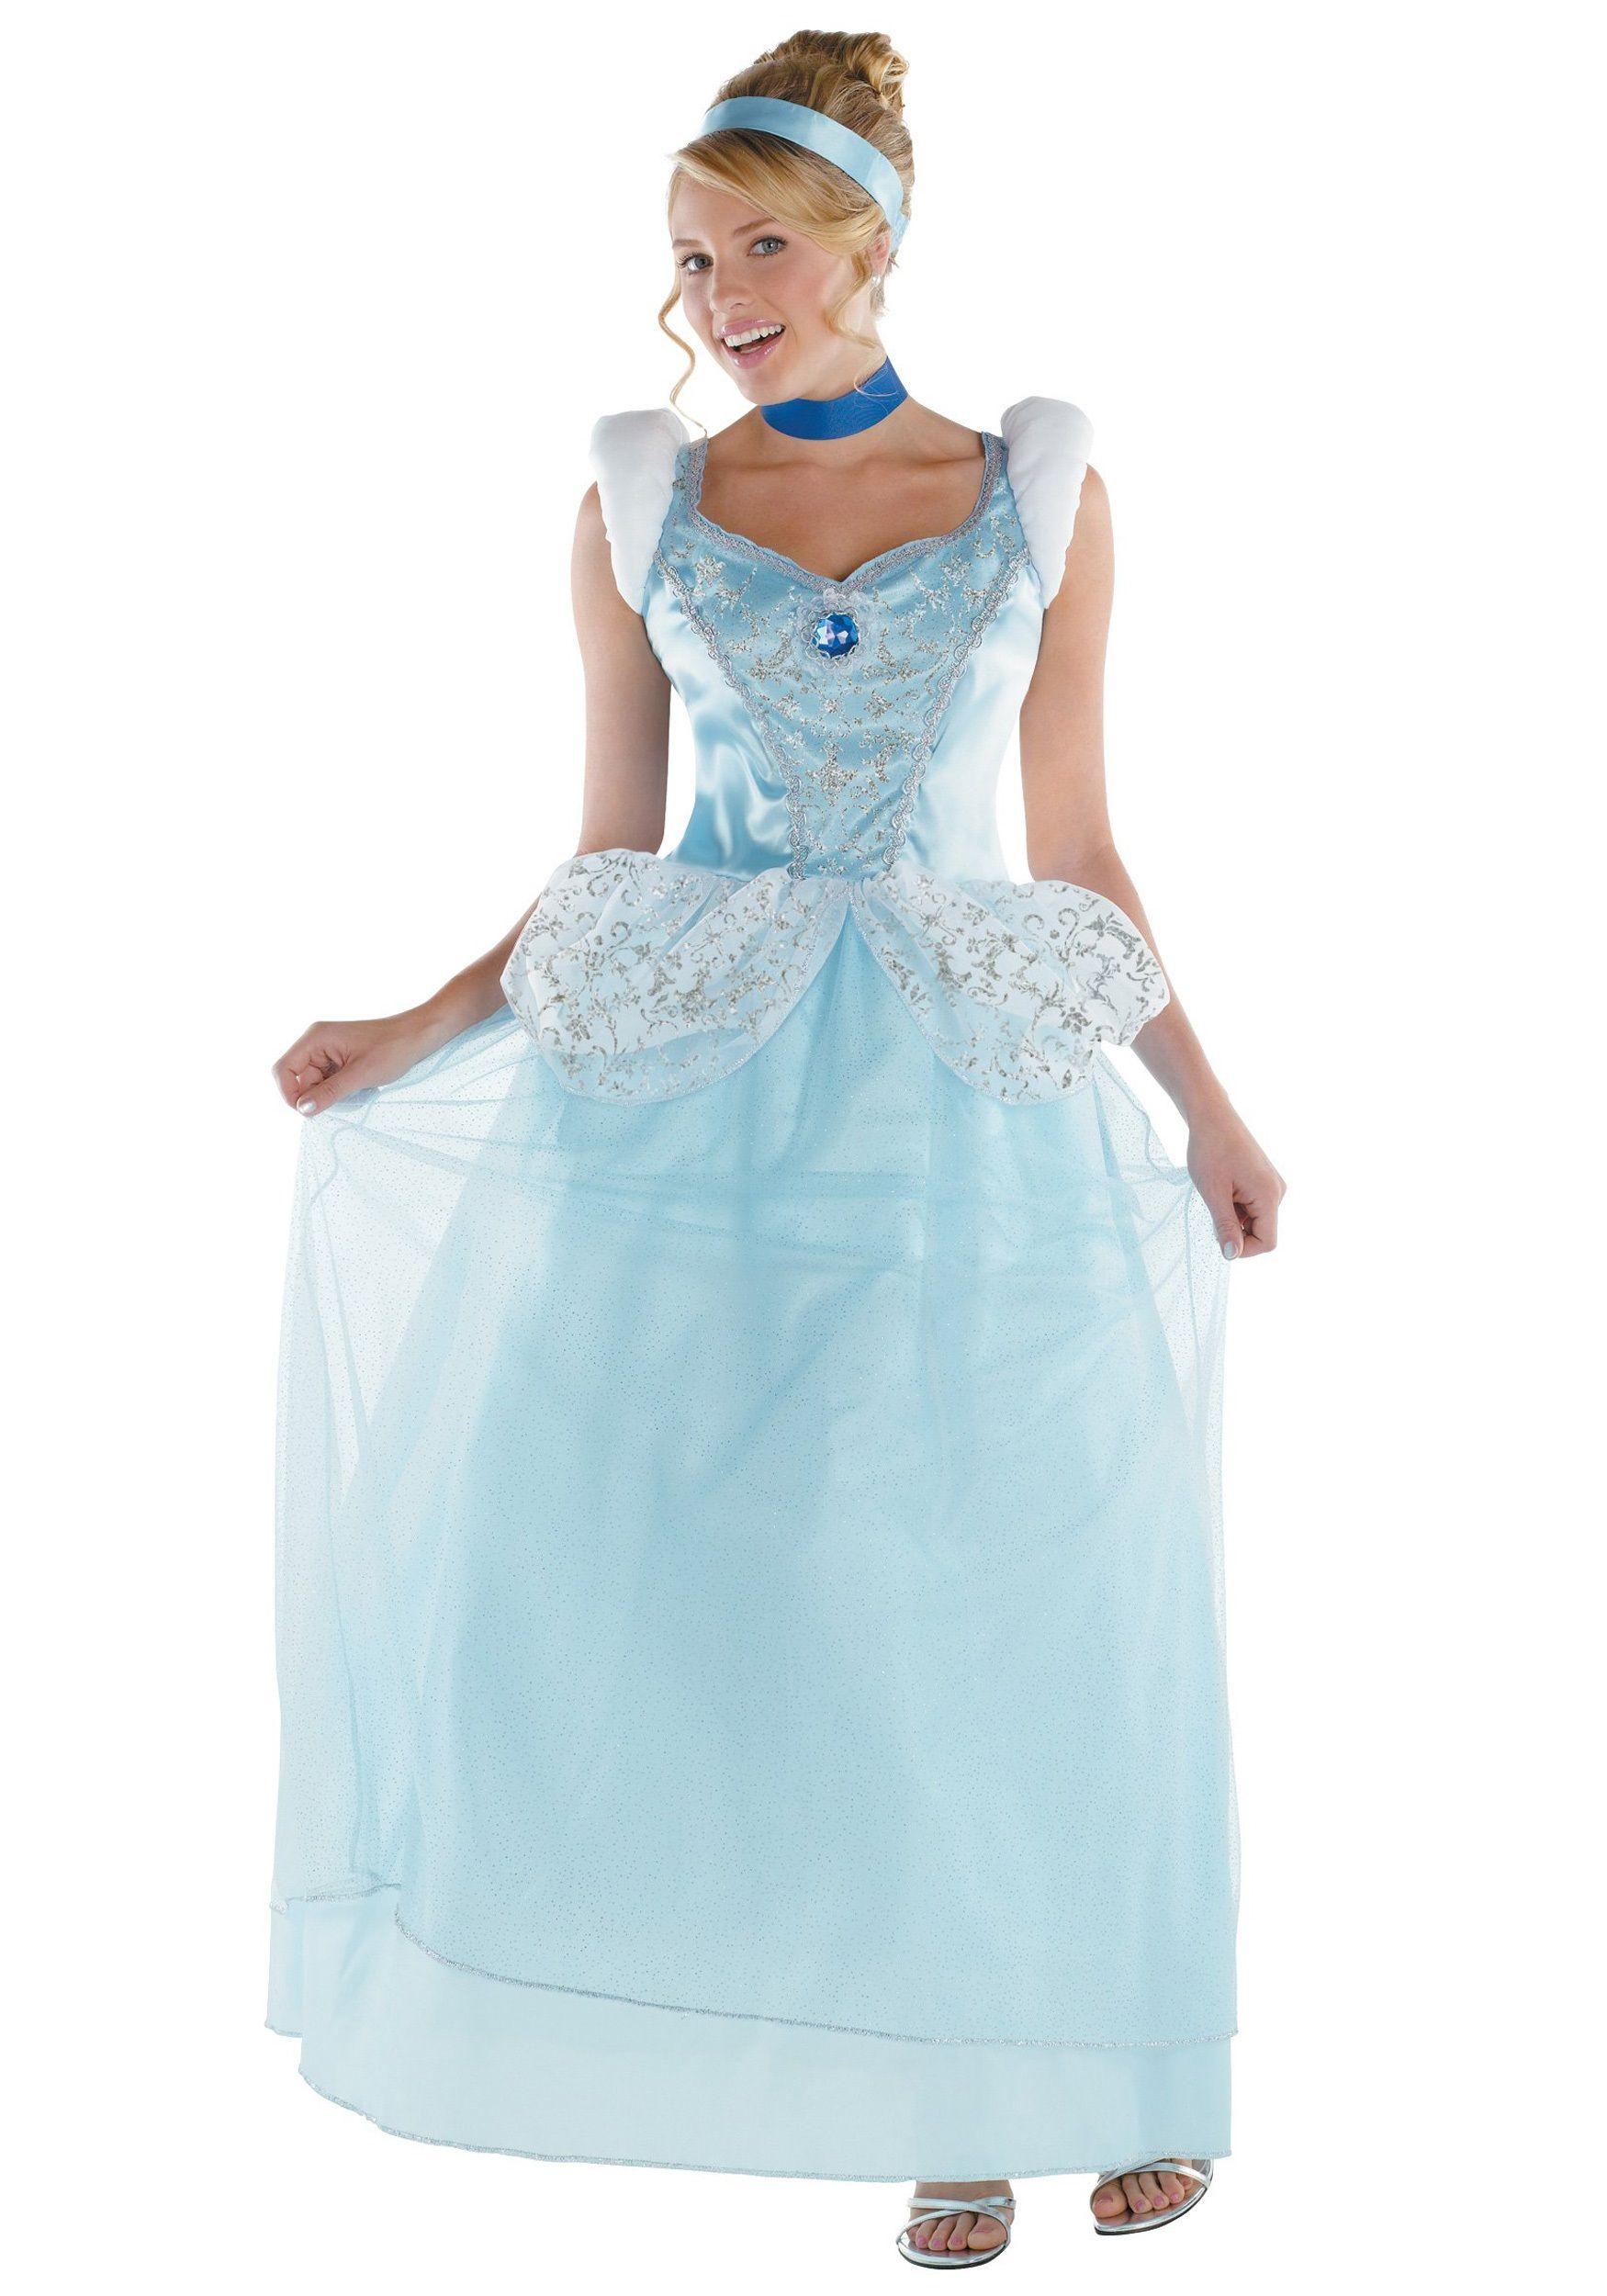 Disfraces de princesas para fiesta infantil Disfraces de